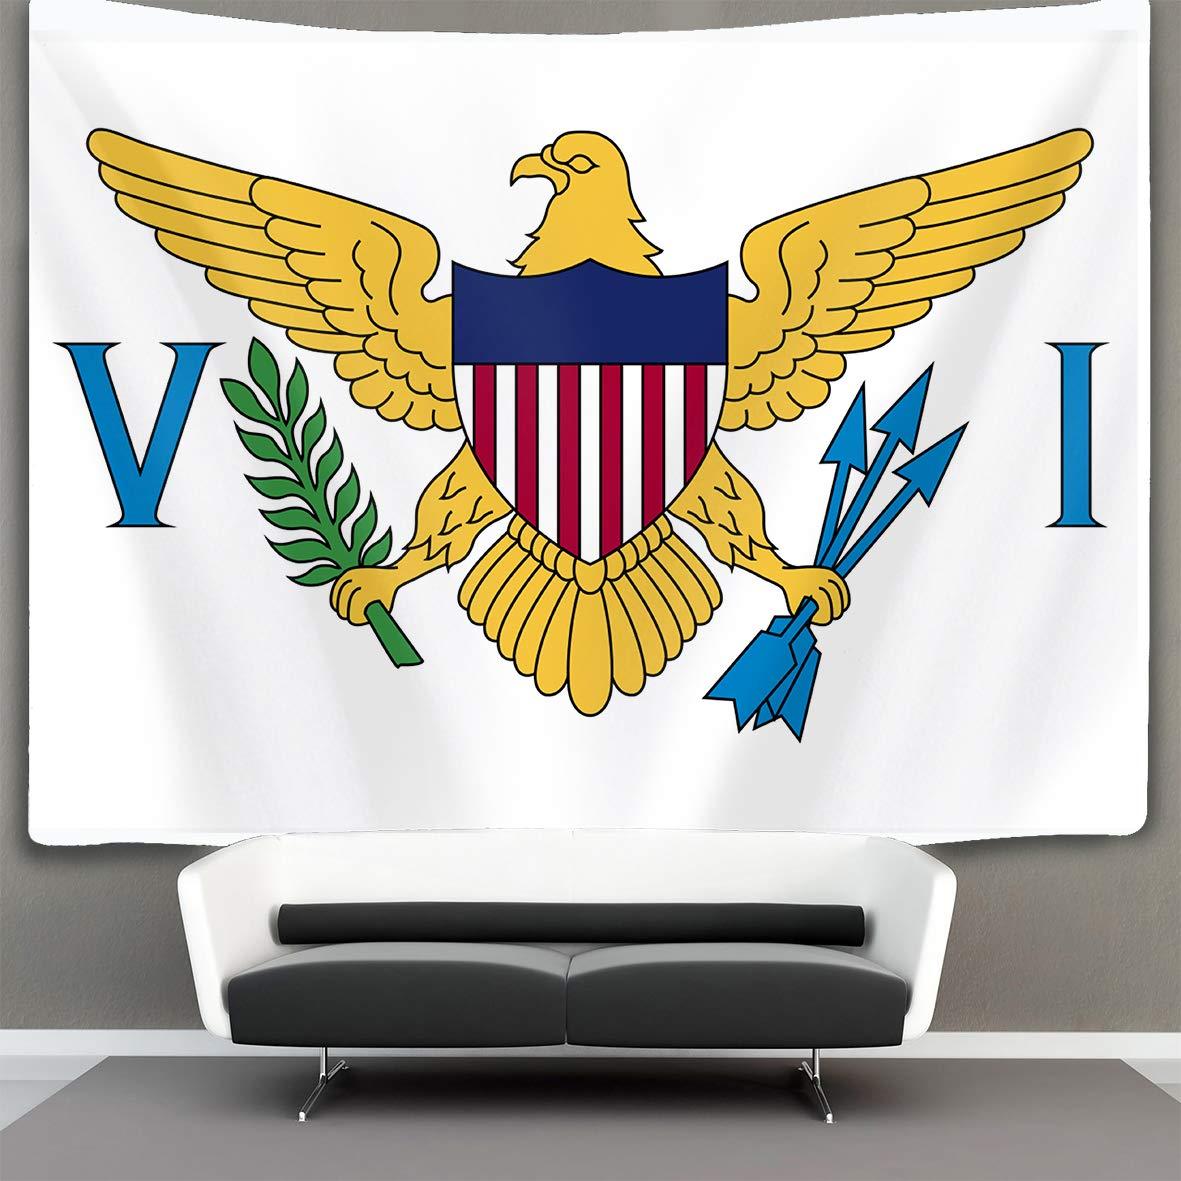 タペストリー 曼荼羅タペストリー 壁掛けタペストリー 壁タペストリー バージン諸島の旗 ウォールブランケット 壁装飾 ウォールアート ホームインテリア コラージュ 寮の装飾 60x90 inches ブラック PY3CRO5ZMQN-D6SF40S 60x90 inches Flag of Virgin Islands B07GNJLLW2